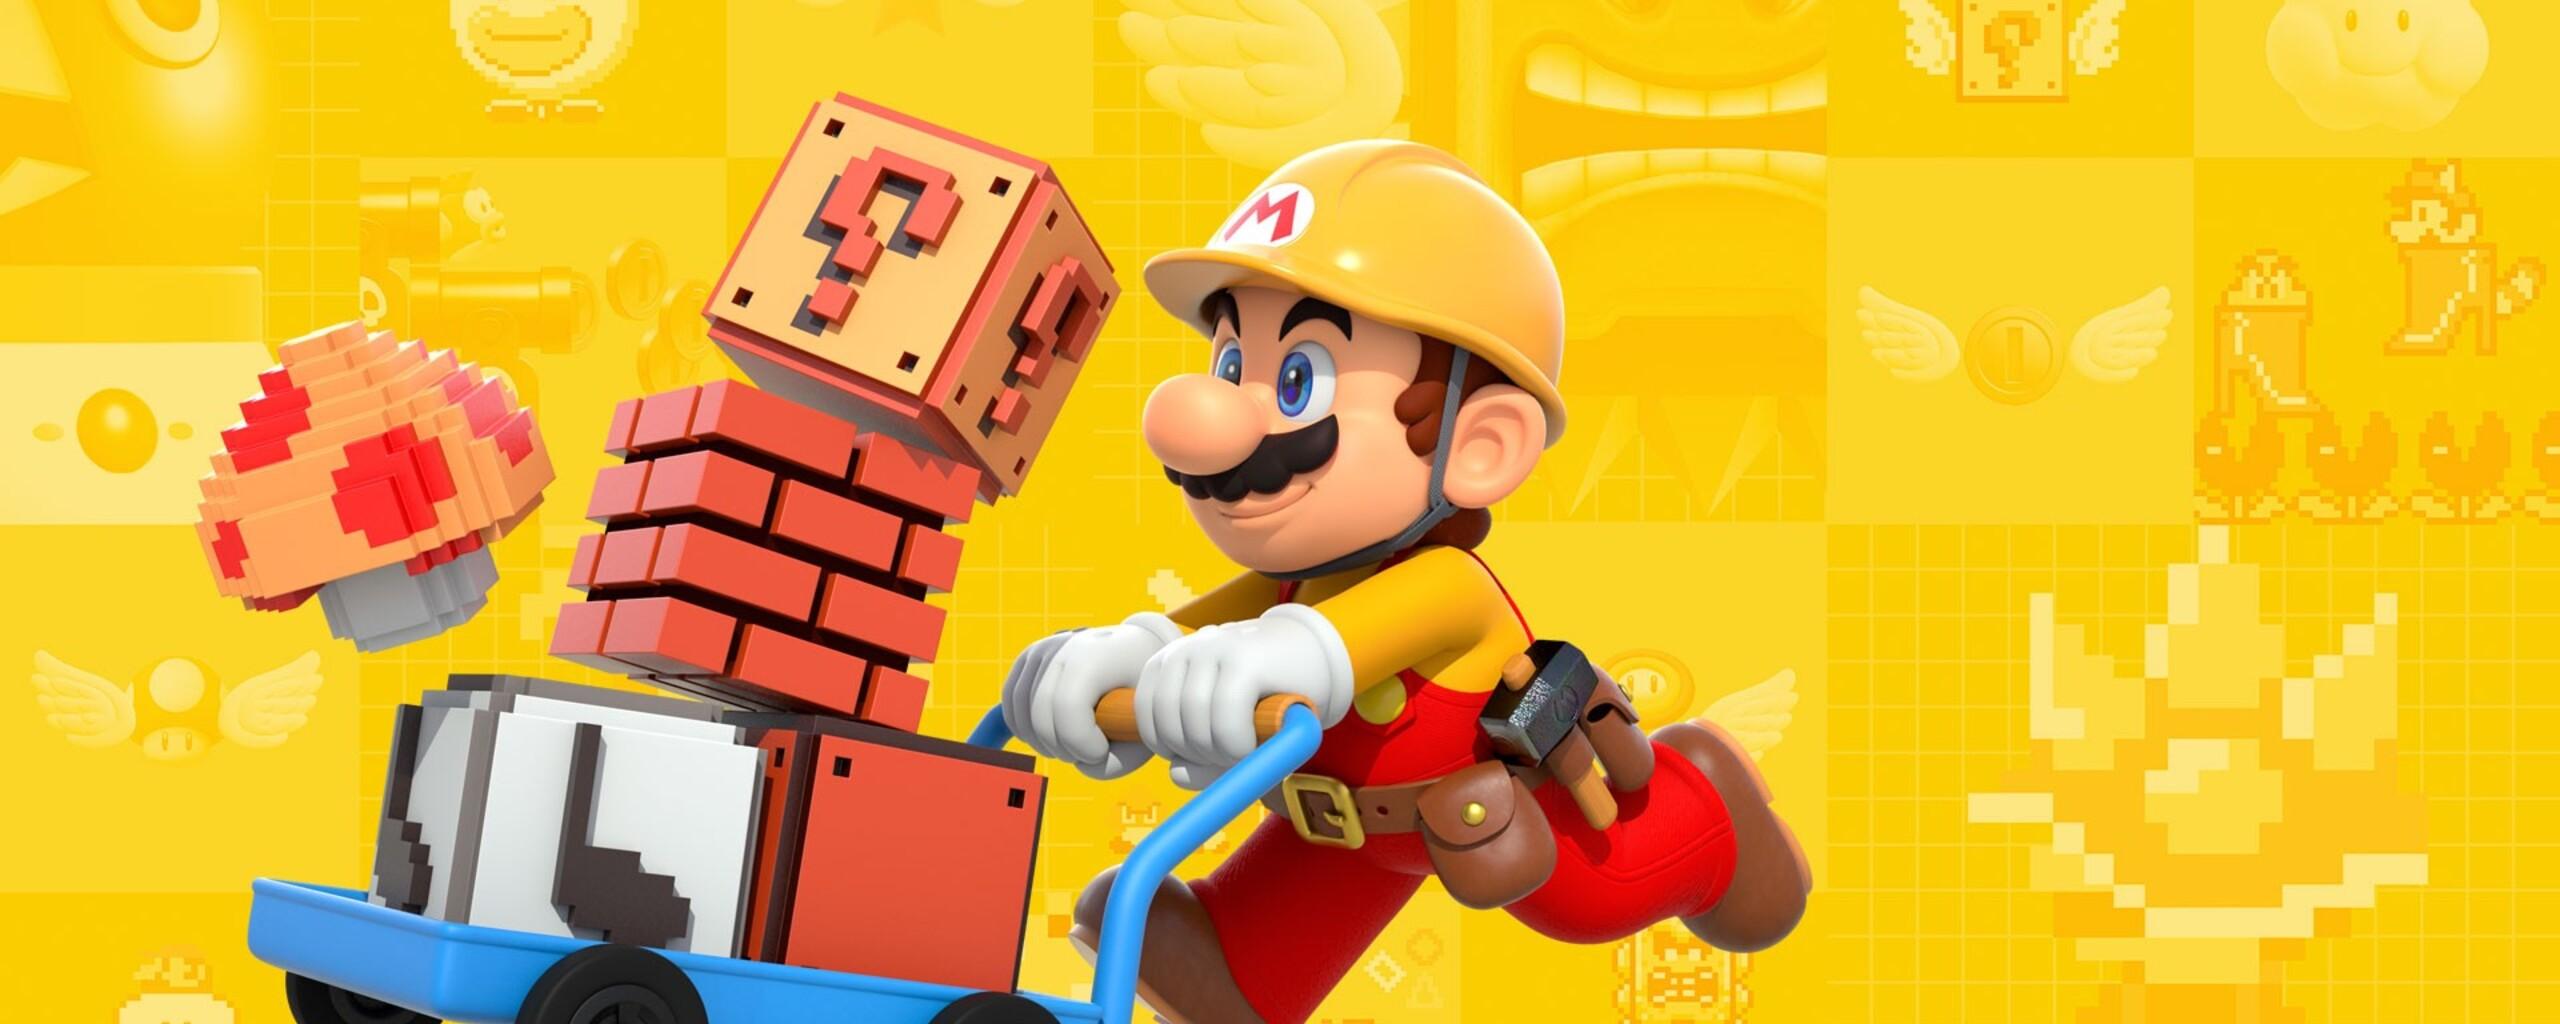 super-mario-game.jpg